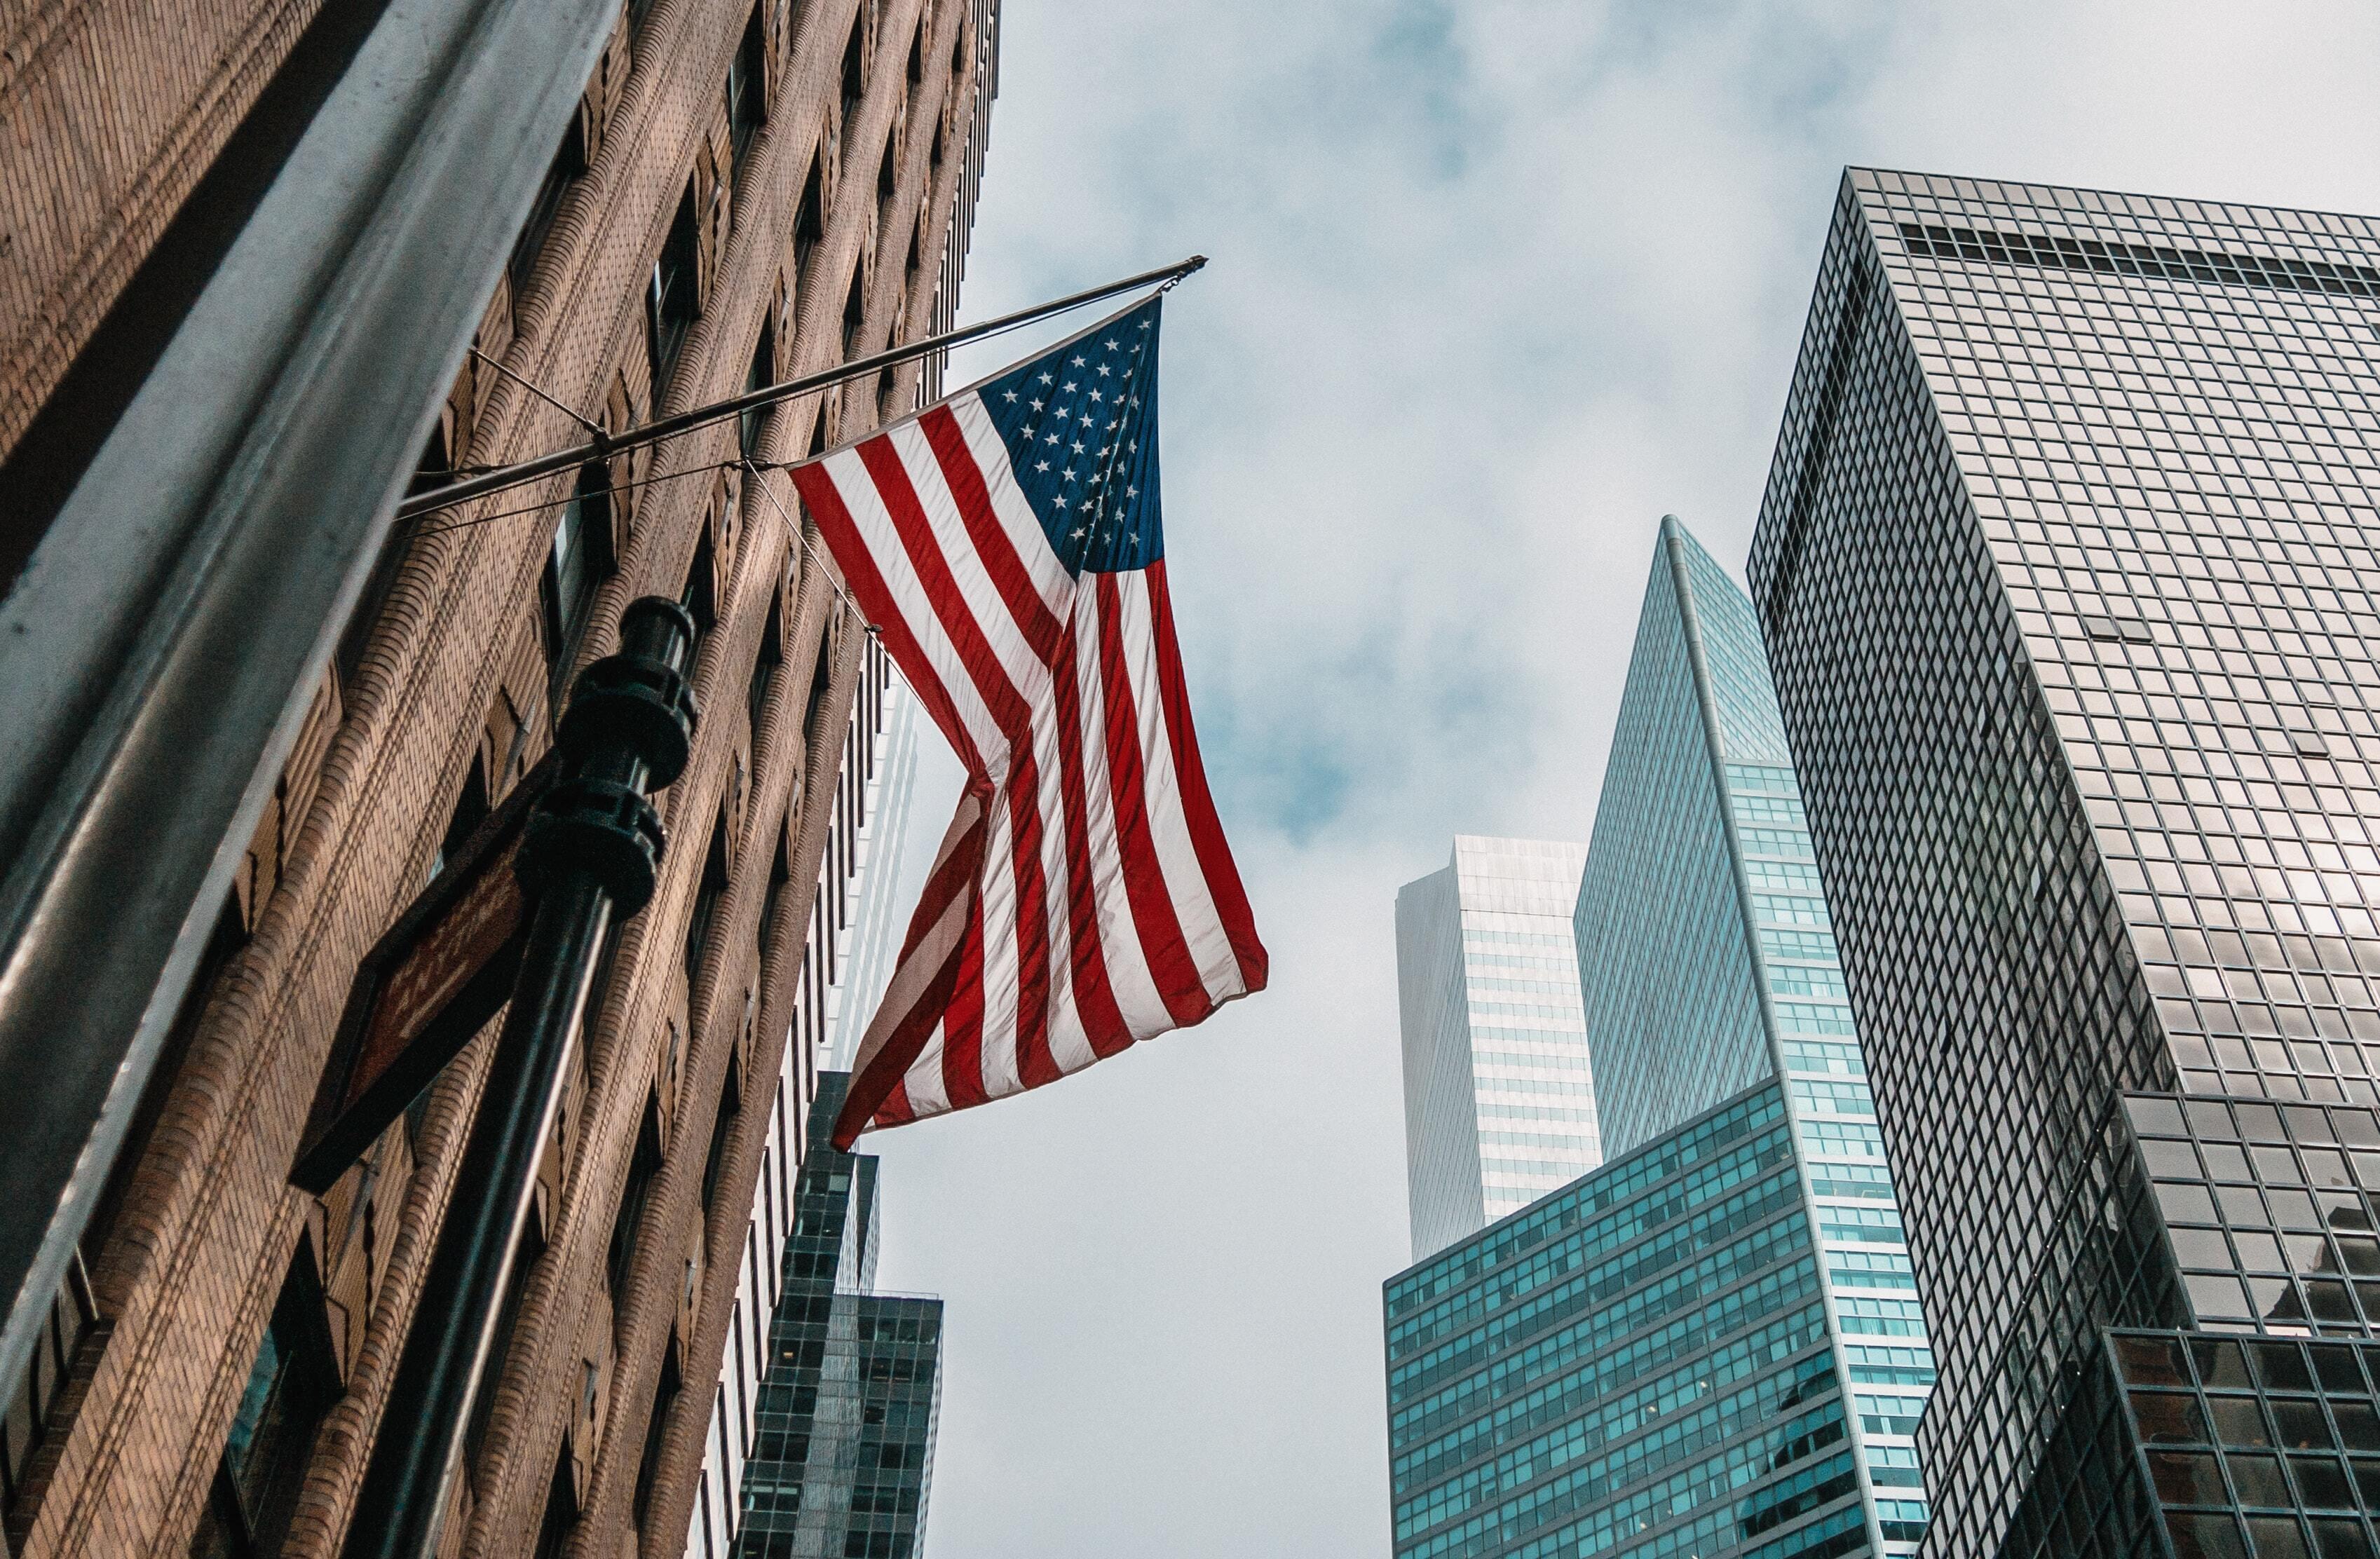 Байден одобрил новые санкции США против Huawei и других китайских компаний